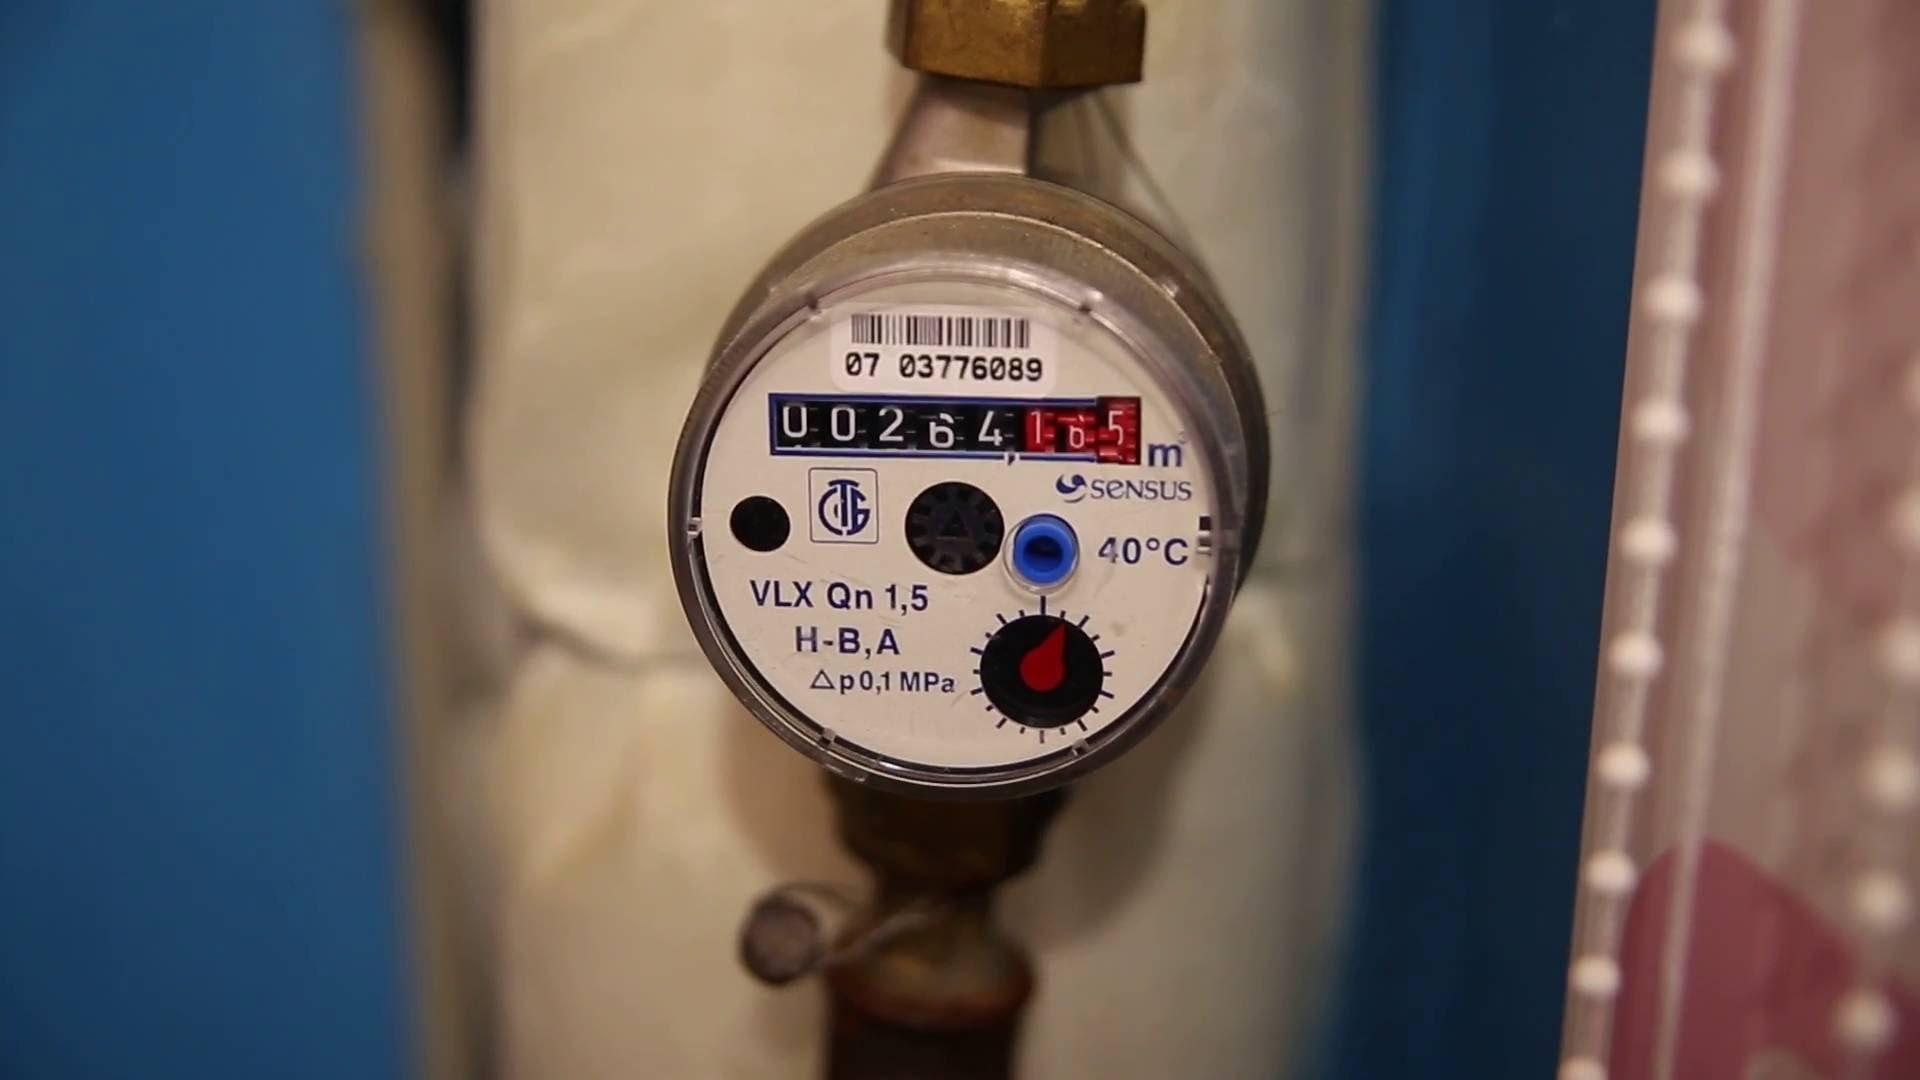 Установка измерительных приборов на воду, как правило значительно снижает выплату по счетам